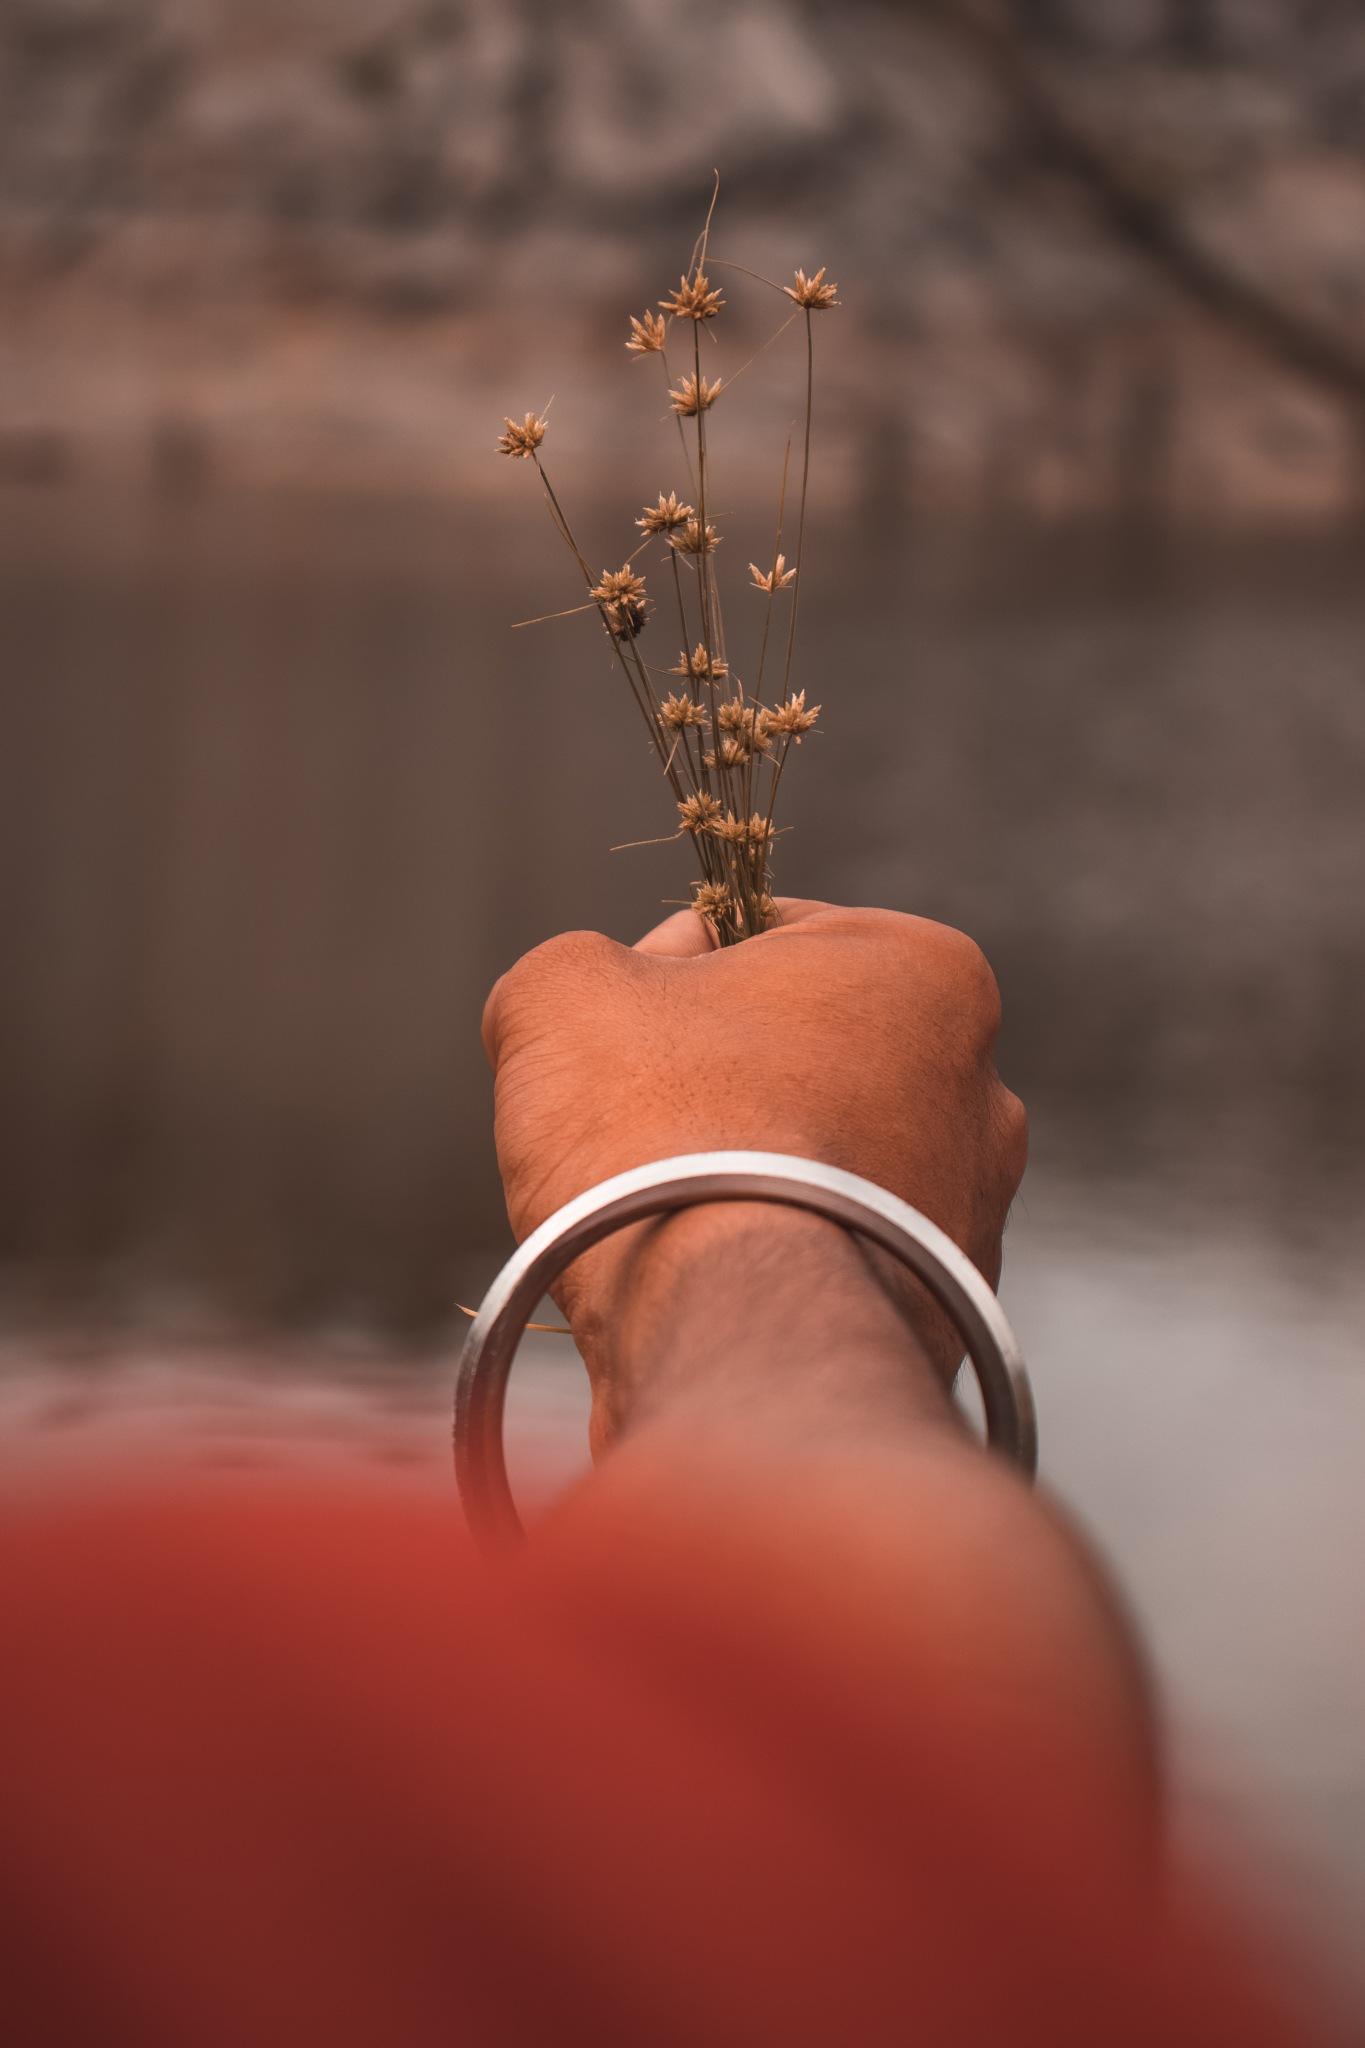 Weed Flowers by Ritu Raj